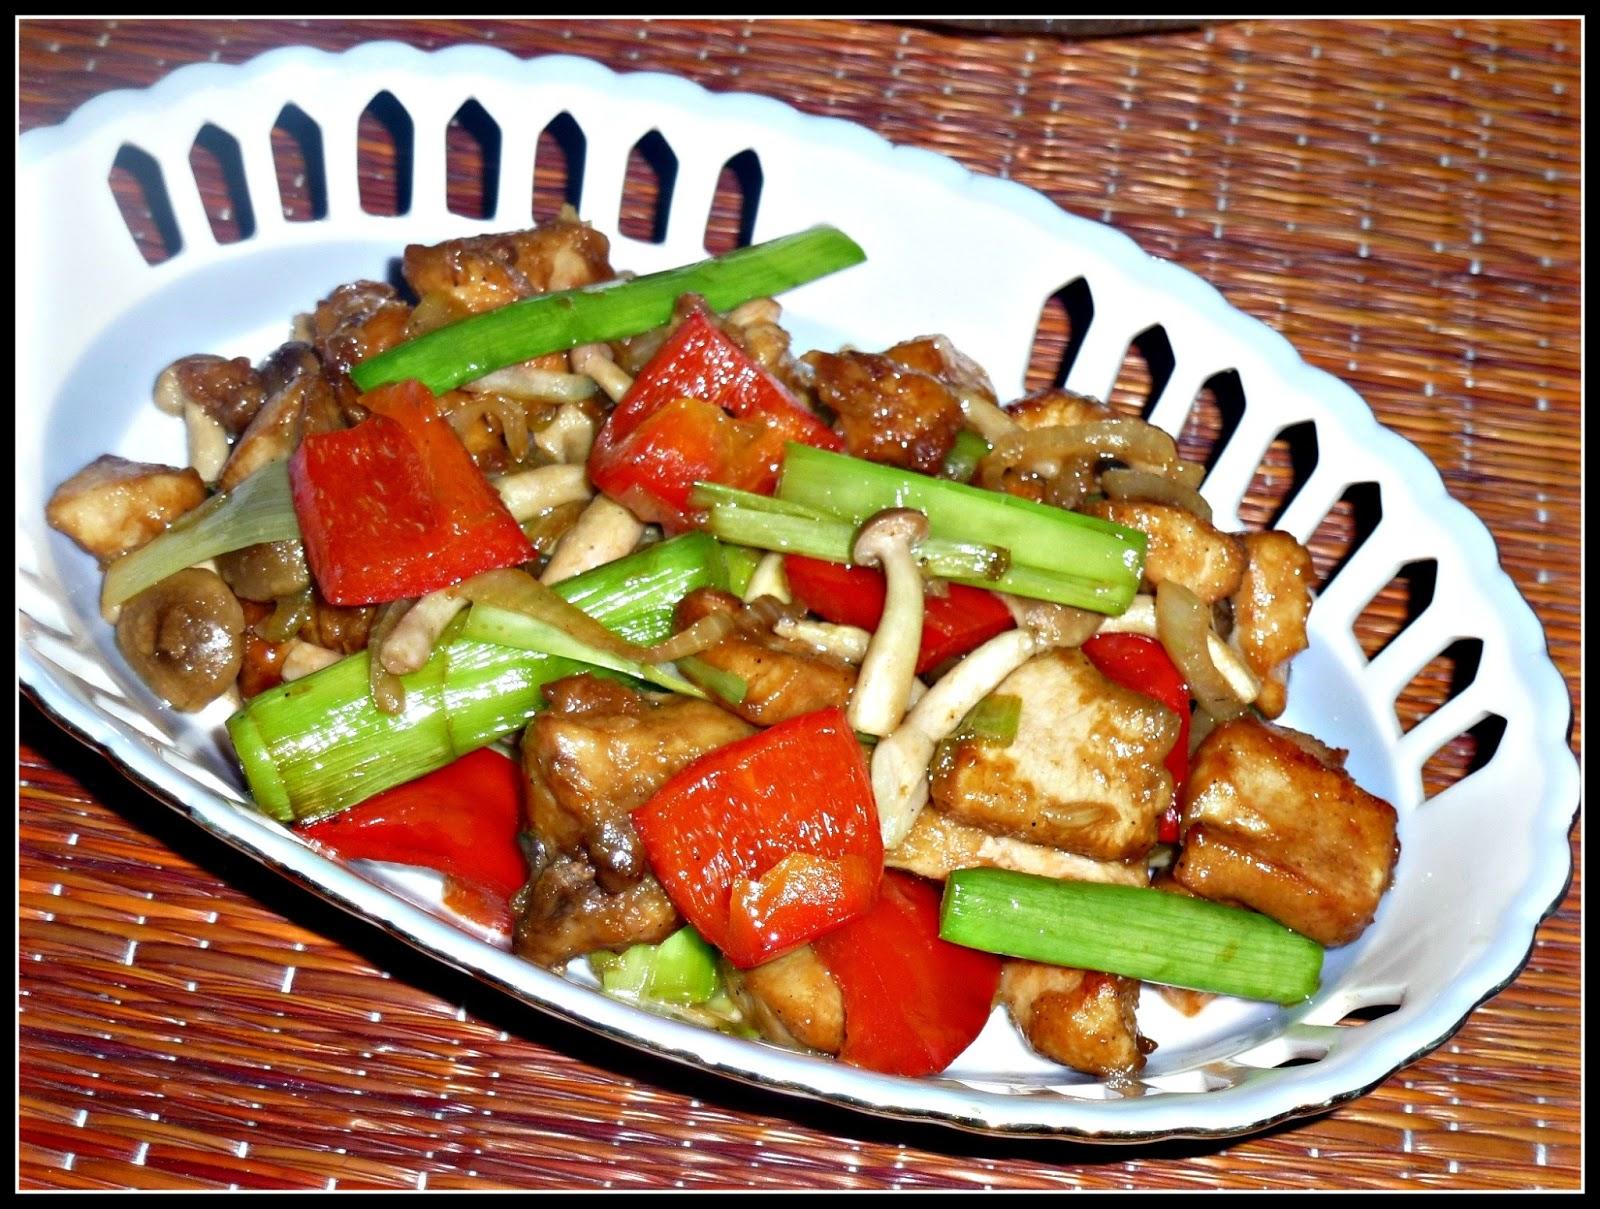 resep rendang jantung ayam elizabeth  blog Resepi Ayam Rendang Kicap Enak dan Mudah